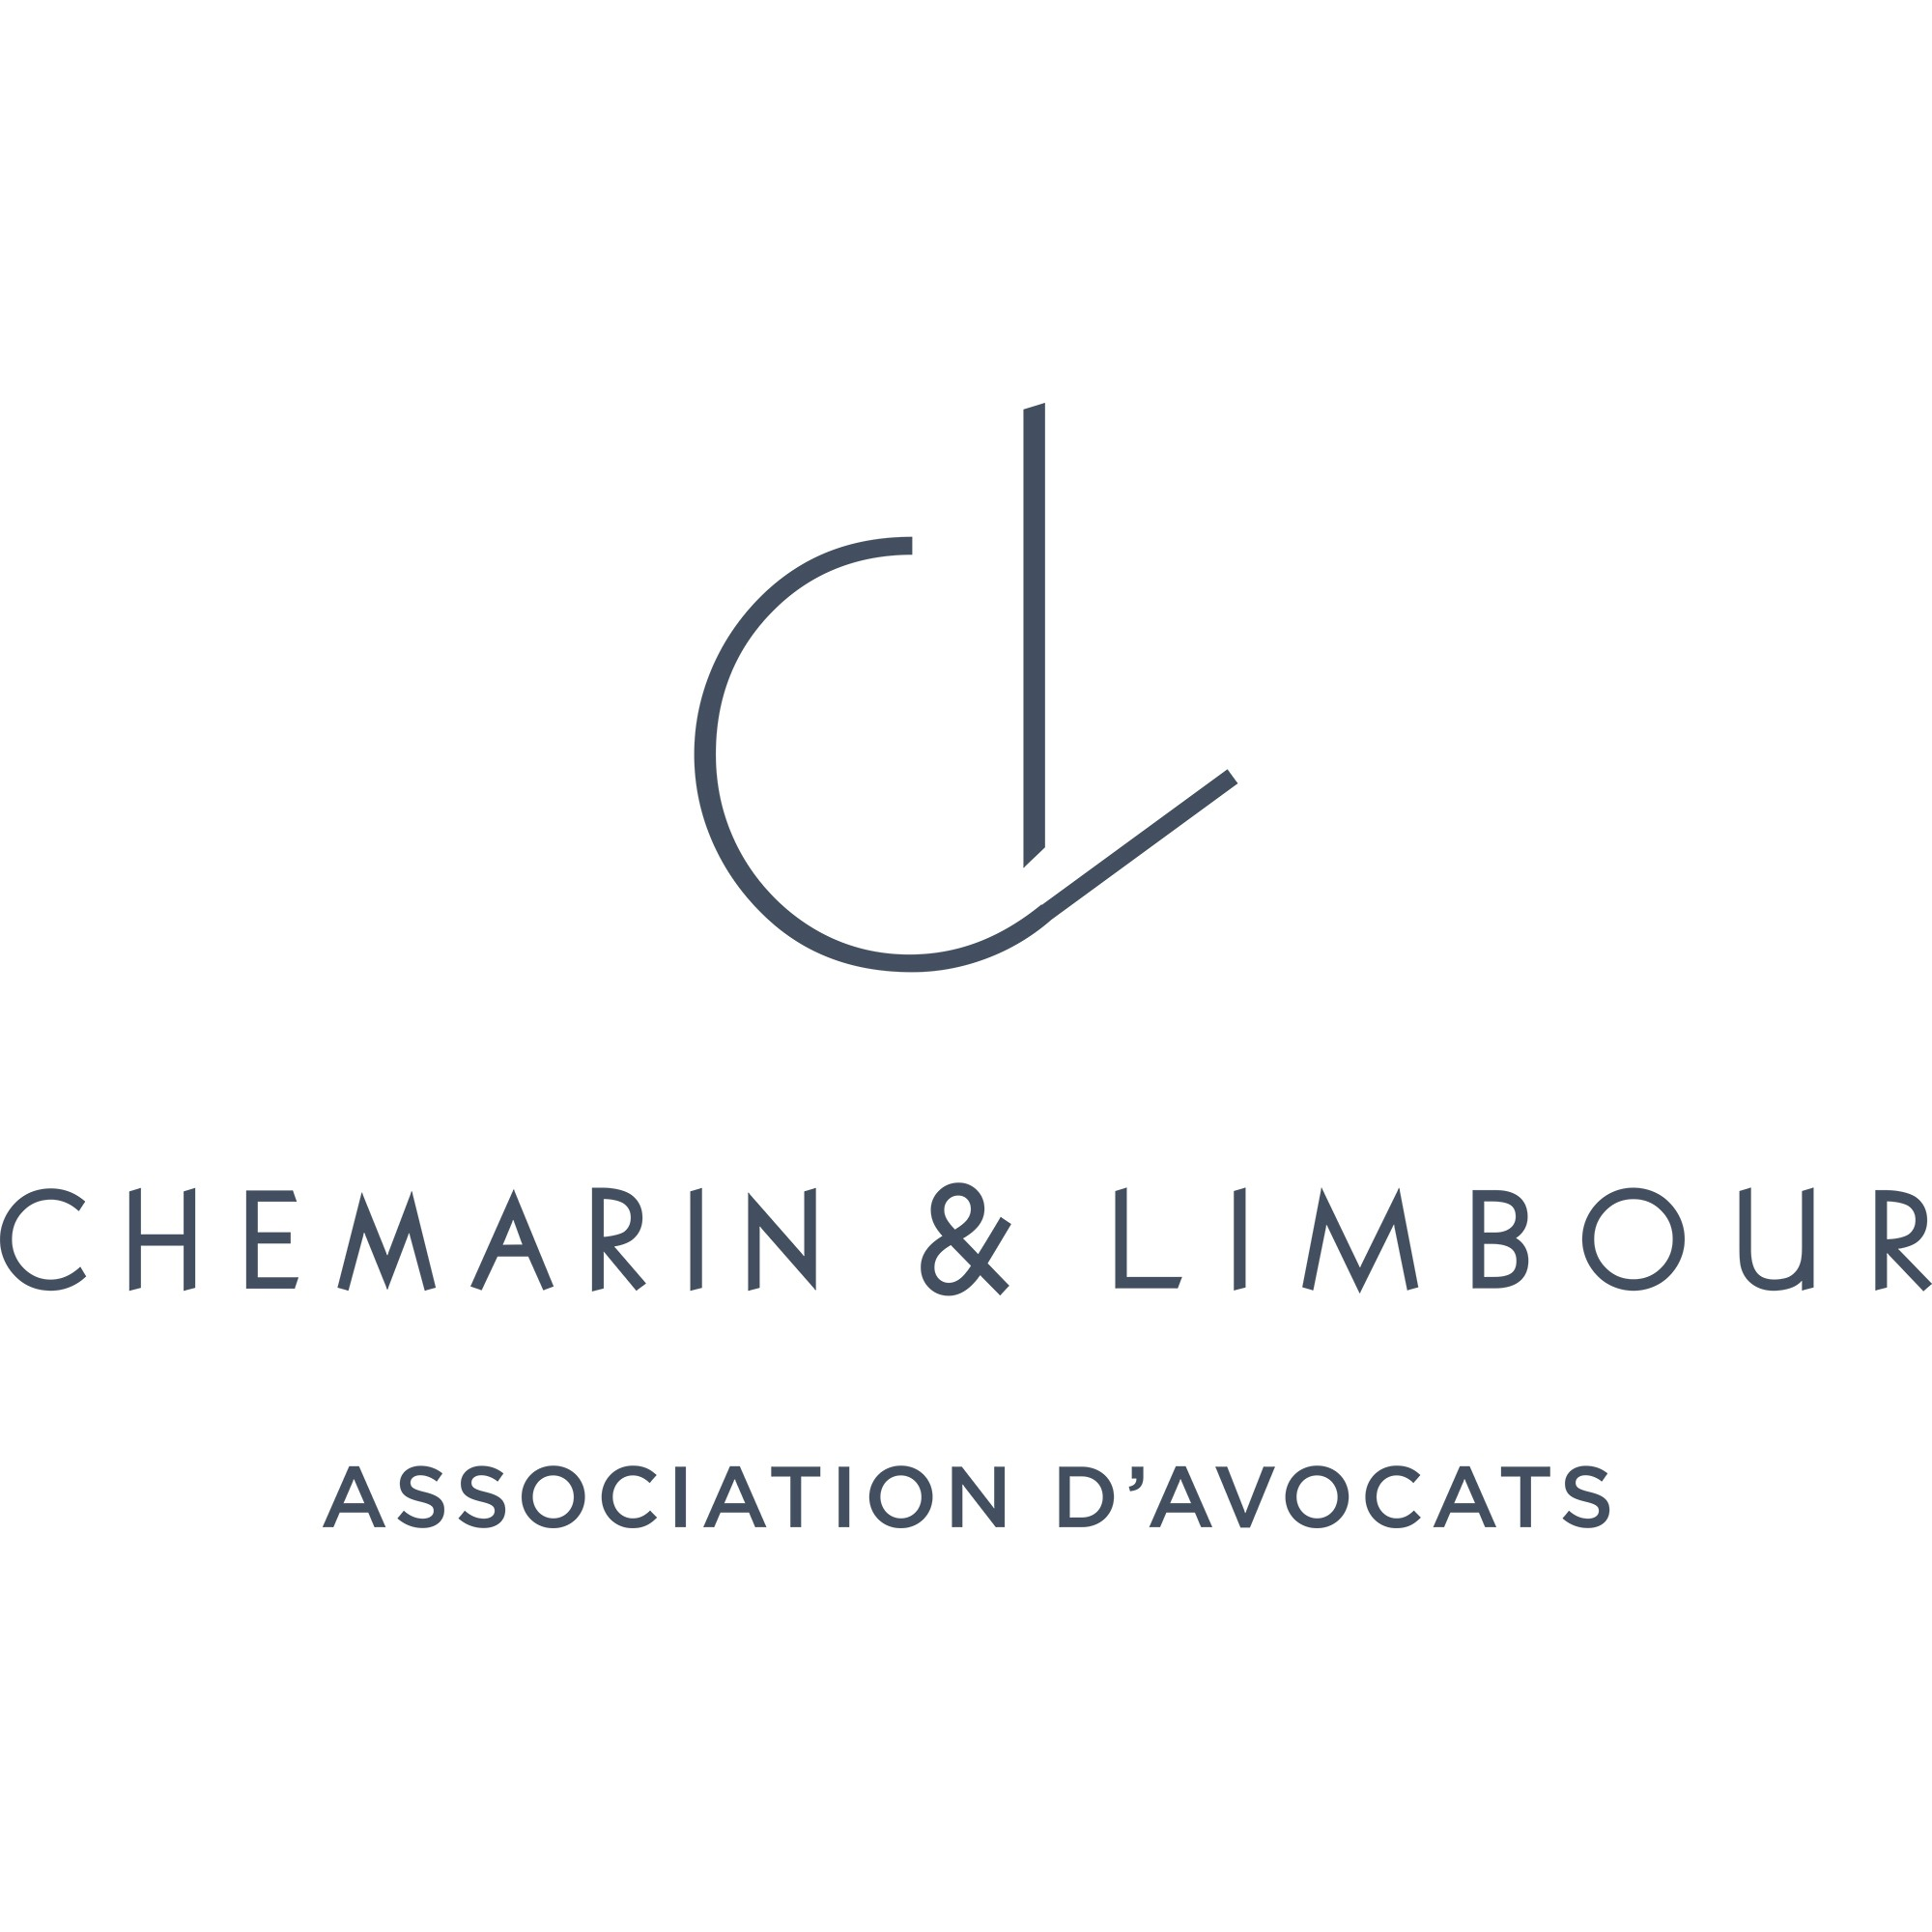 the Chemarin & Limbour logo.